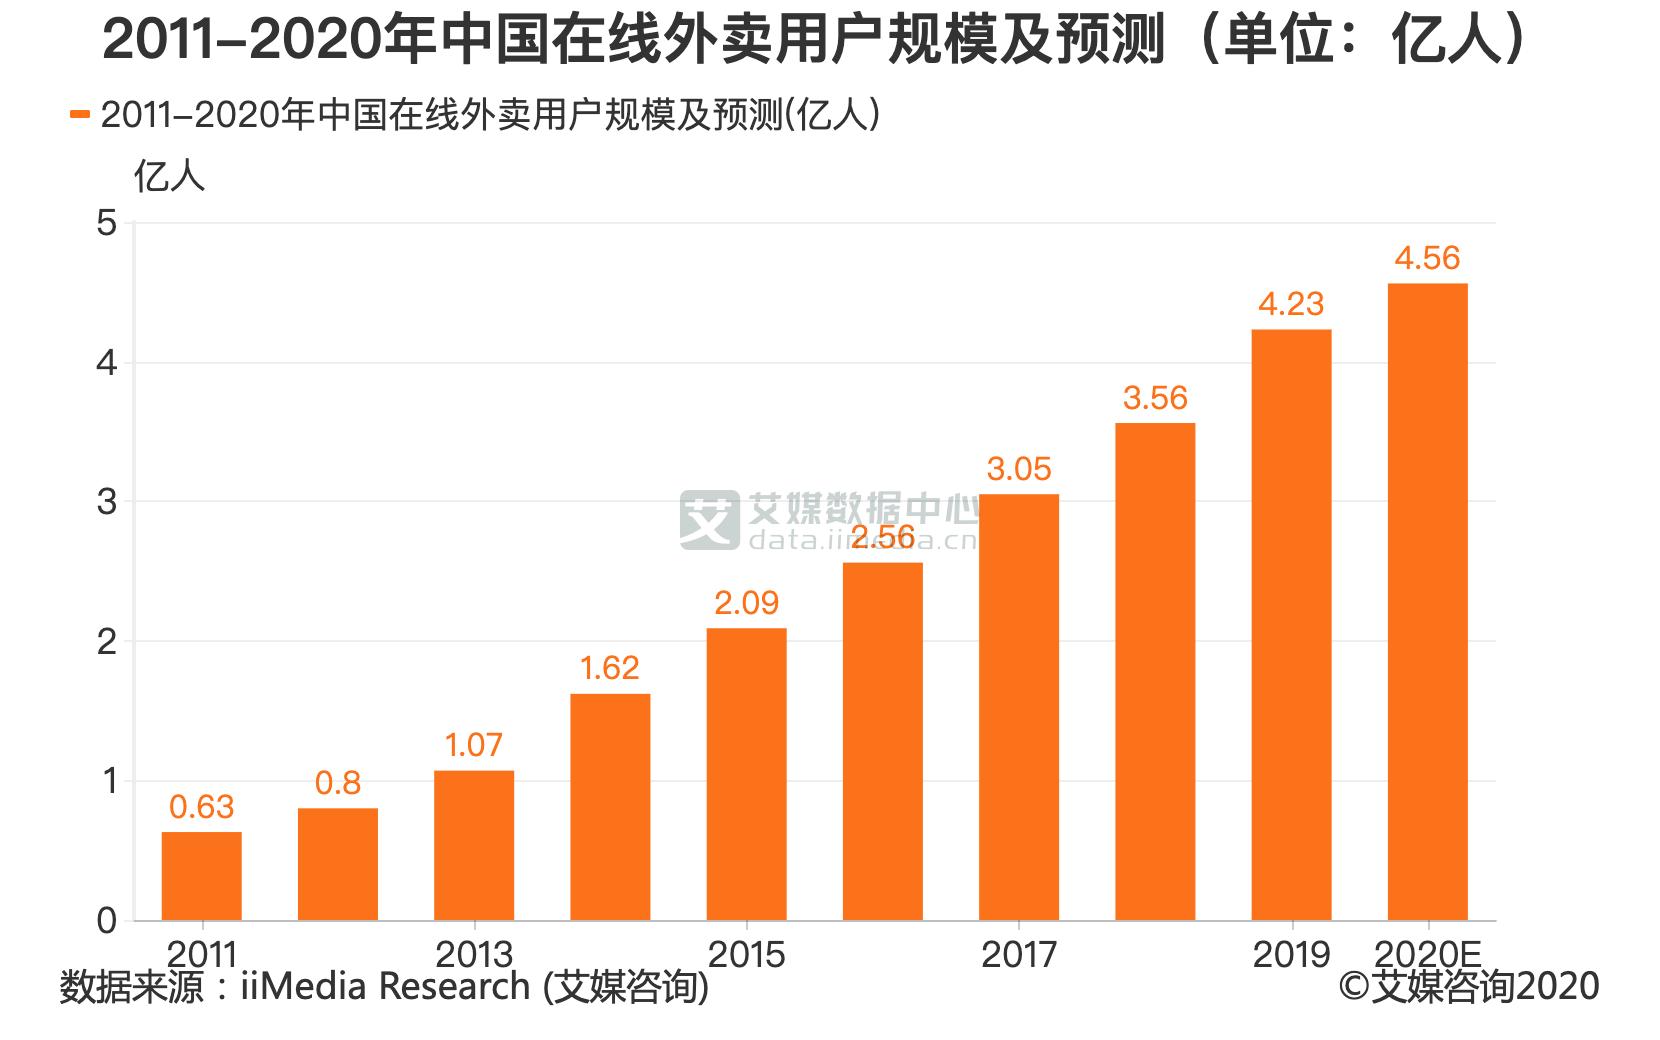 2011-2020年中国在线外卖用户规模及预测(单位:亿人)